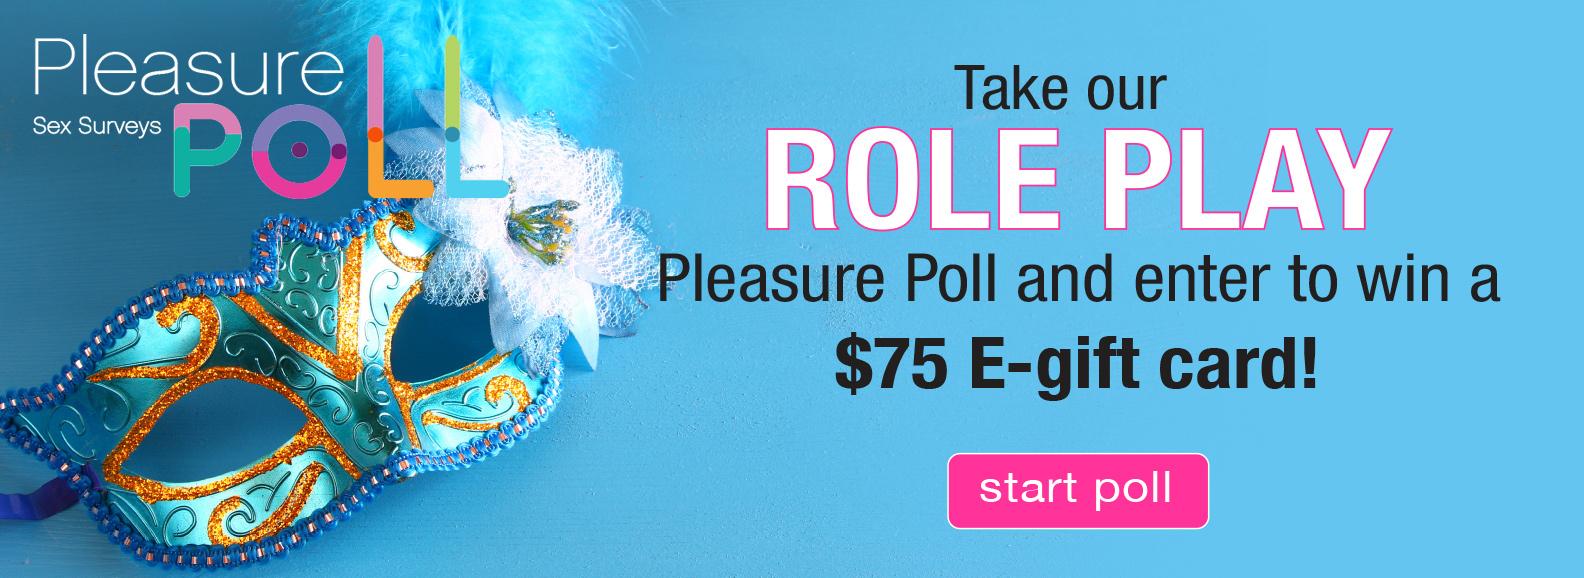 Pleasure Poll Survey